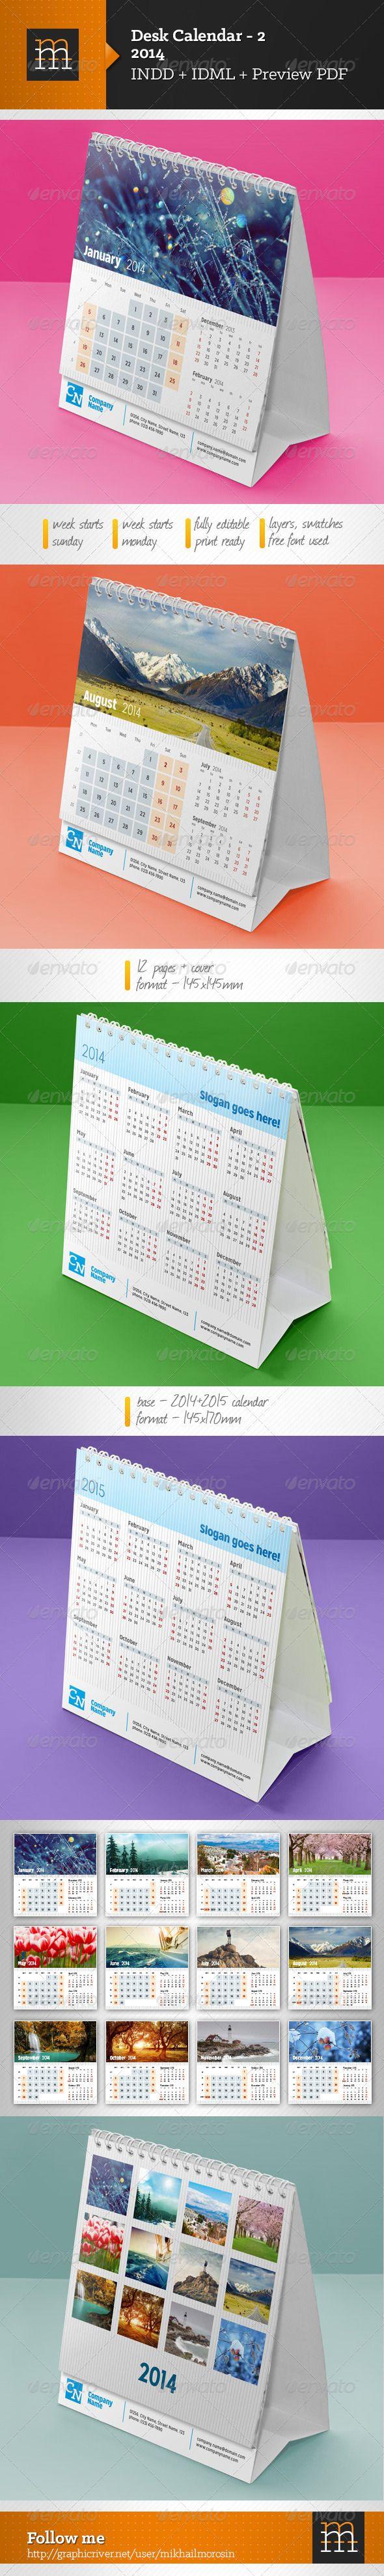 Desk Calendar-2 2014